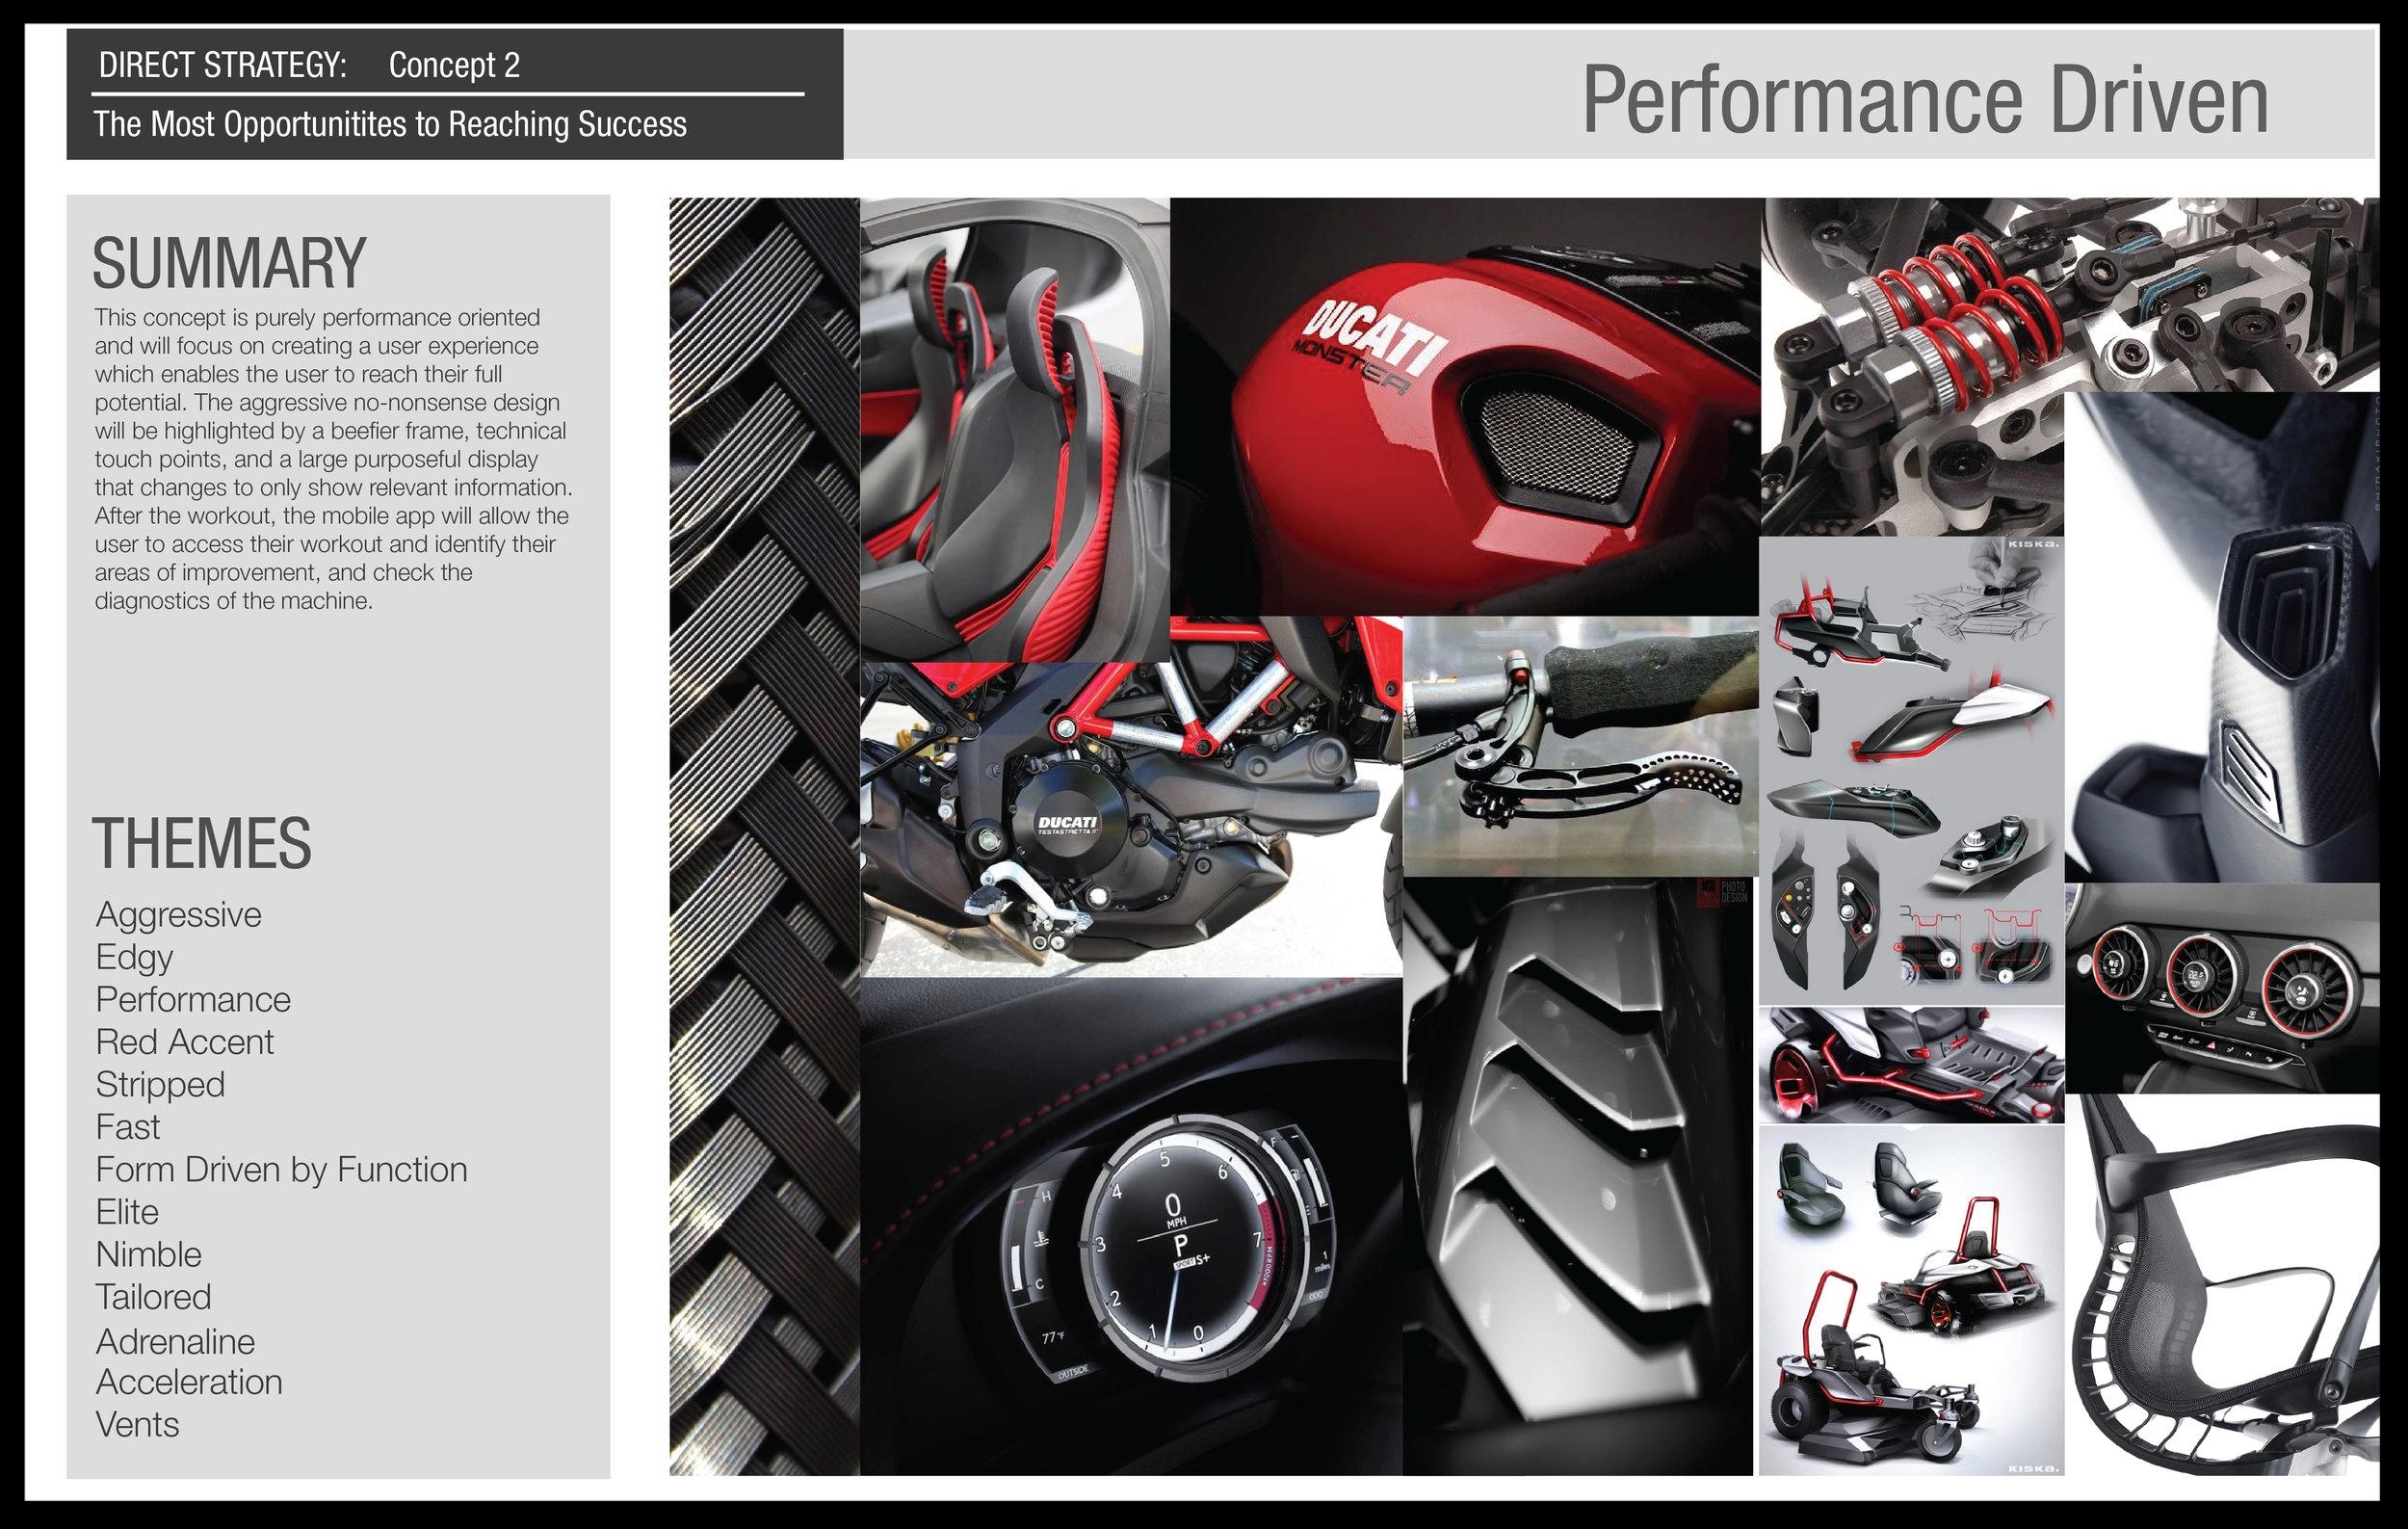 Concept 2: Concept Page